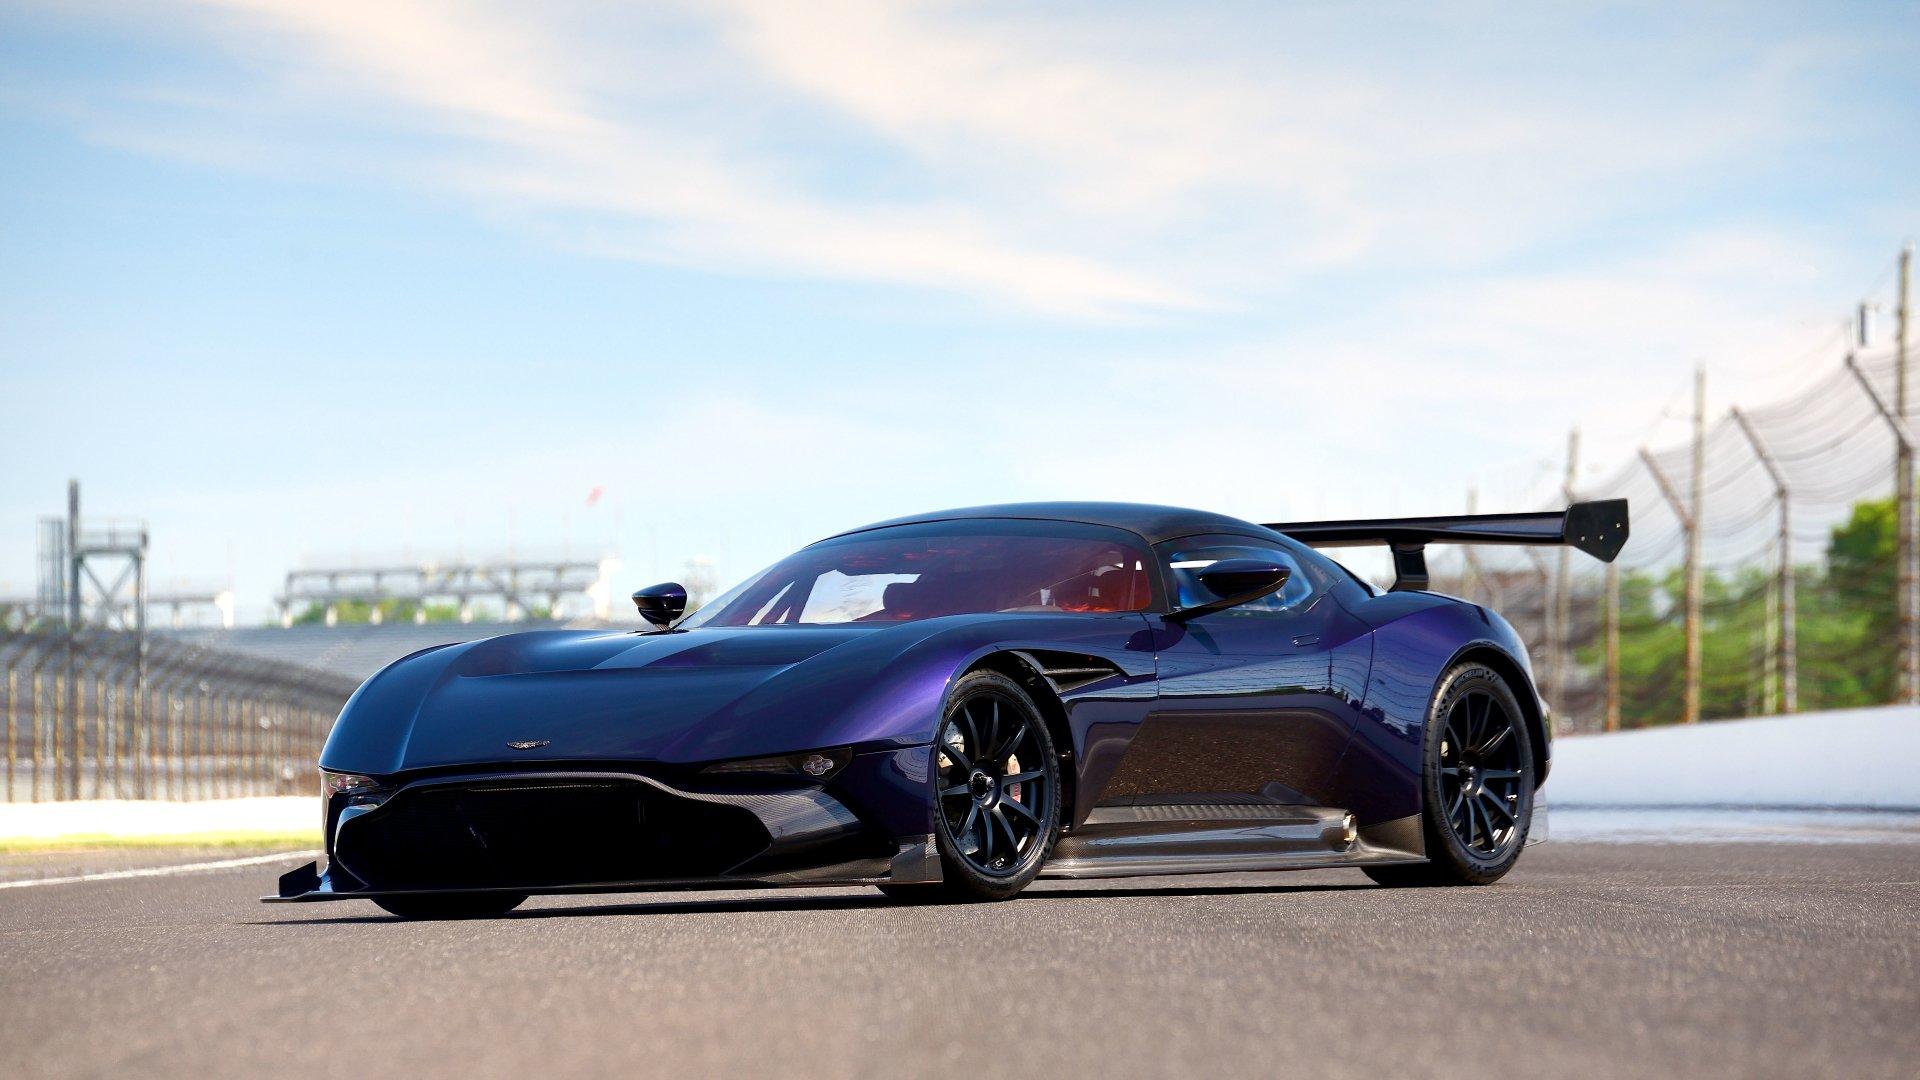 Vehicles - Aston Martin Vulcan  Race Car Supercar Aston Martin Wallpaper